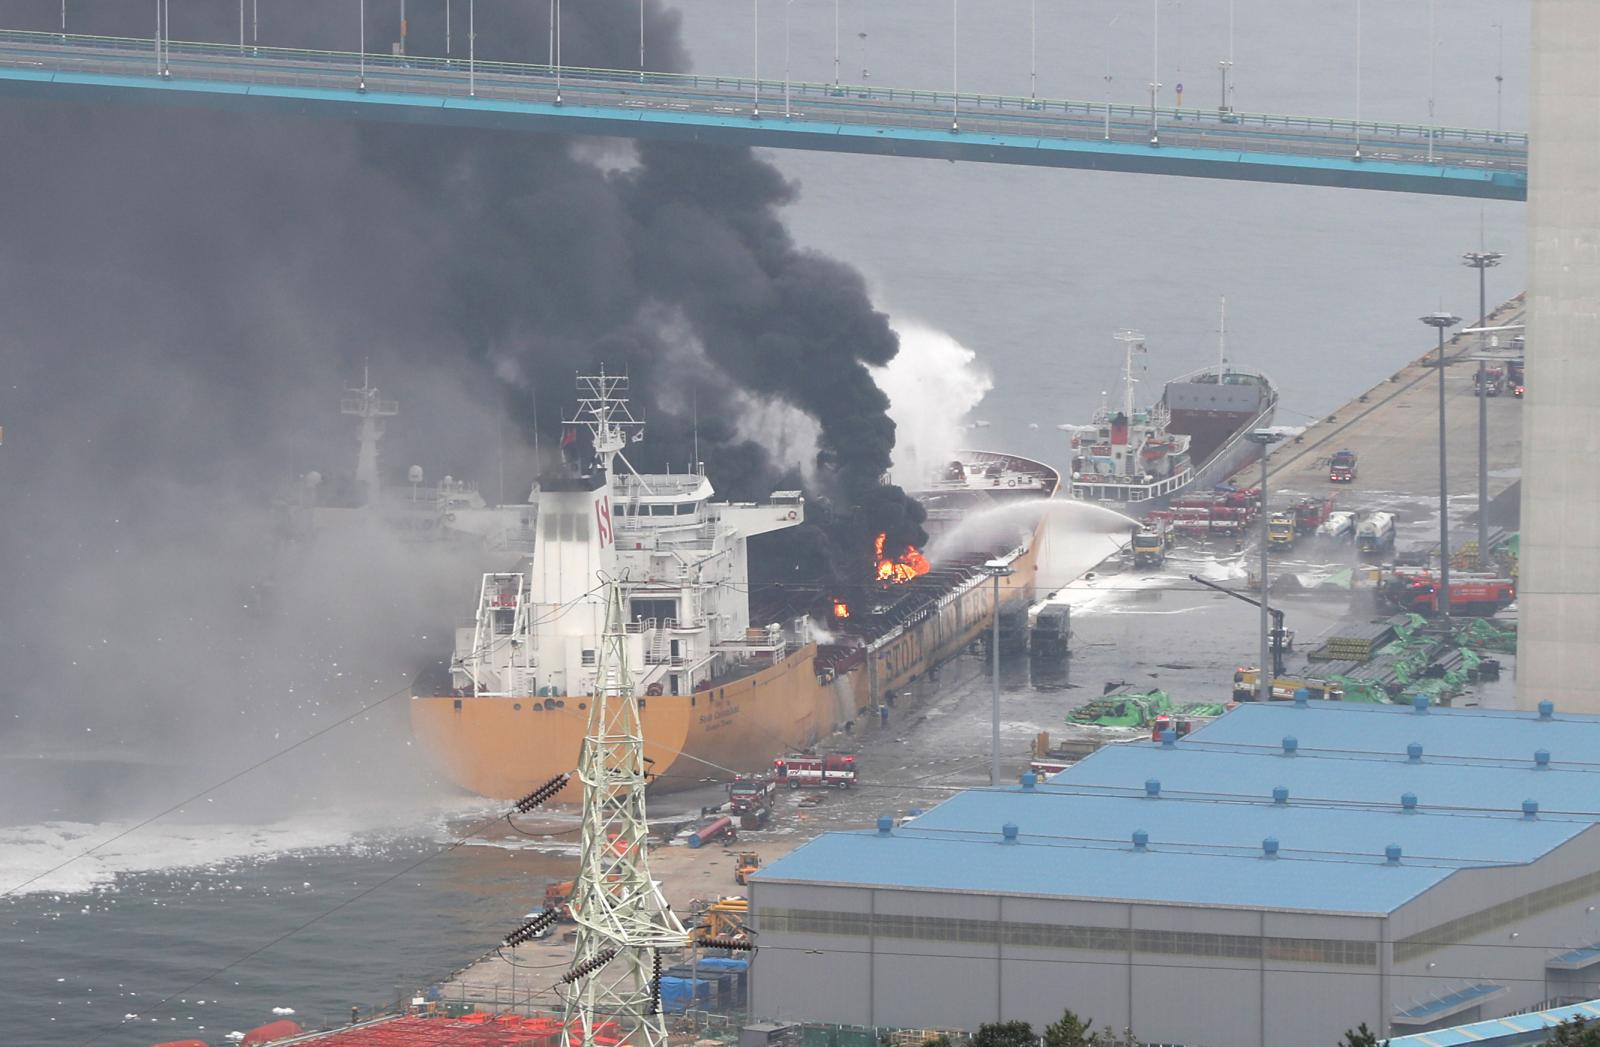 ไฟลุกท่วม! เรือบรรทุกน้ำมันระเบิดในเกาหลีใต้ ลูกเรือเจ็บ 12 คน สาหัส 1